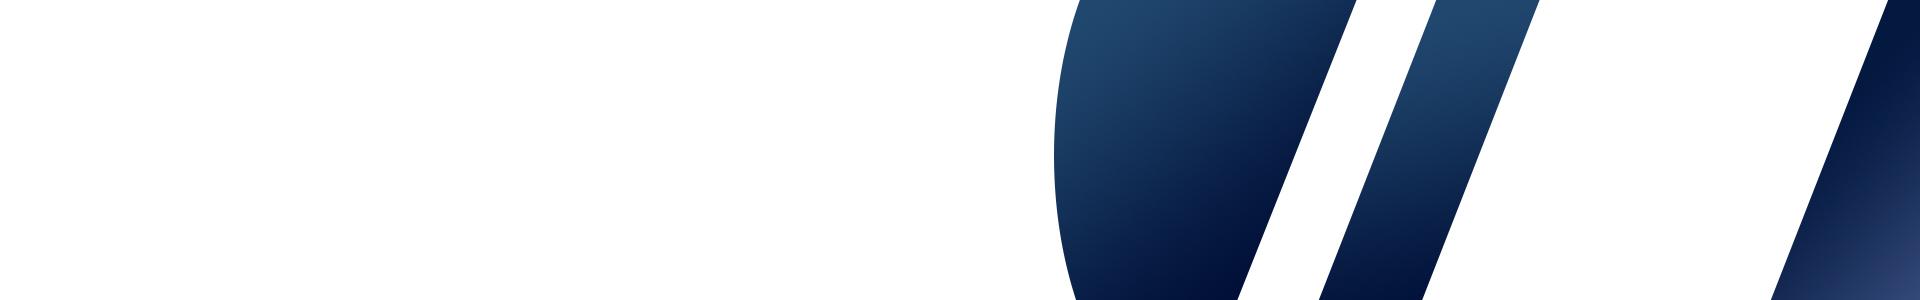 sfondo-logo-tagliato